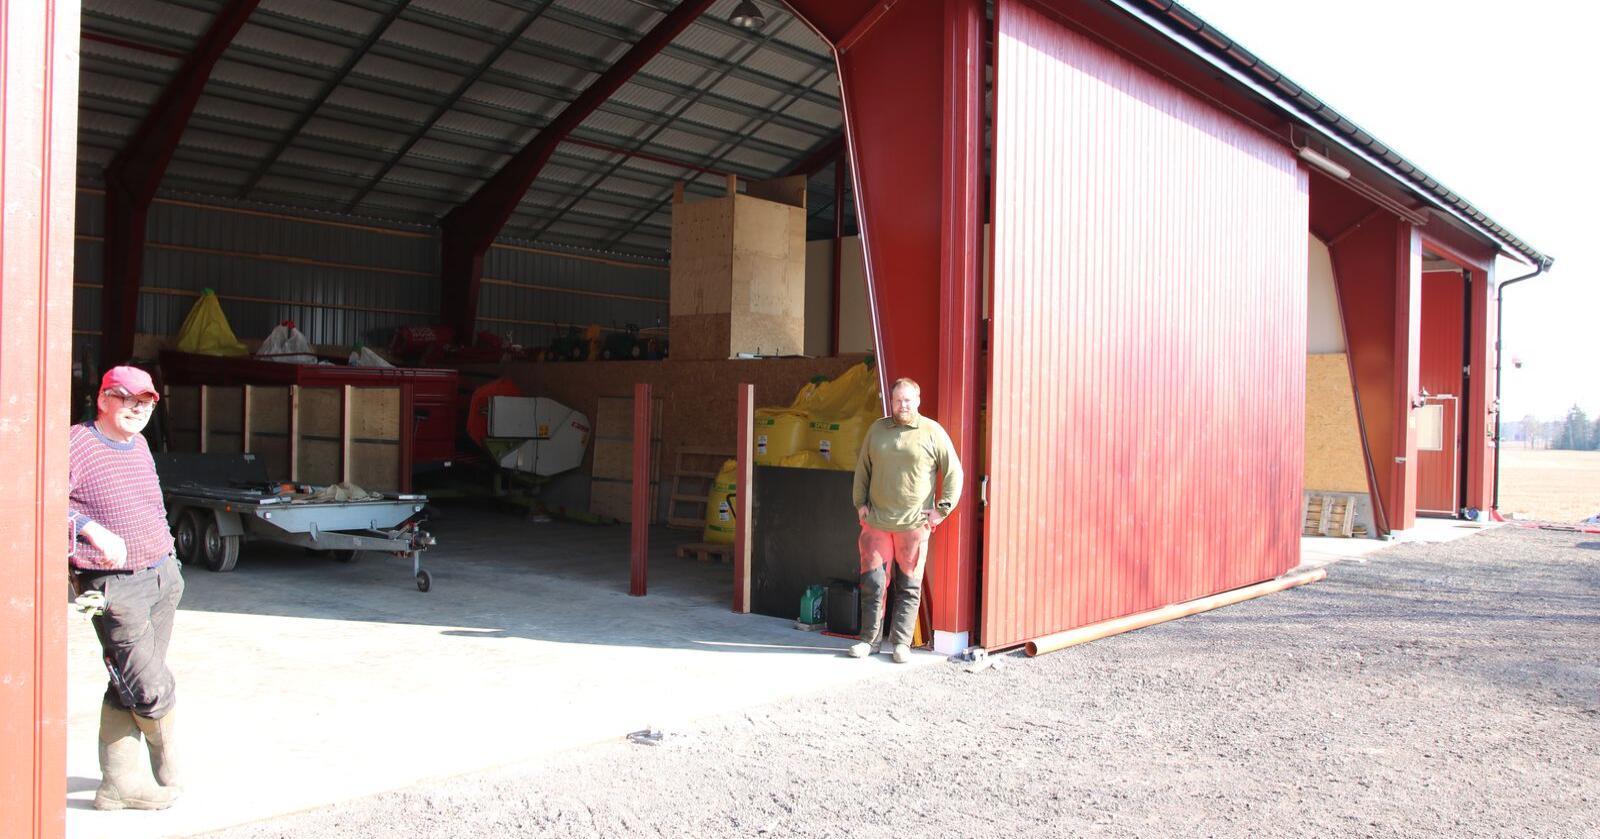 Erik Aarhus (t.v) og Emil har satt opp en ny driftsbygning med plantørke i to seksjoner, verksted og traktorgarasje. Halve garasjen kan enkelt gjøres om til kornlager. Foto: Knut Houge